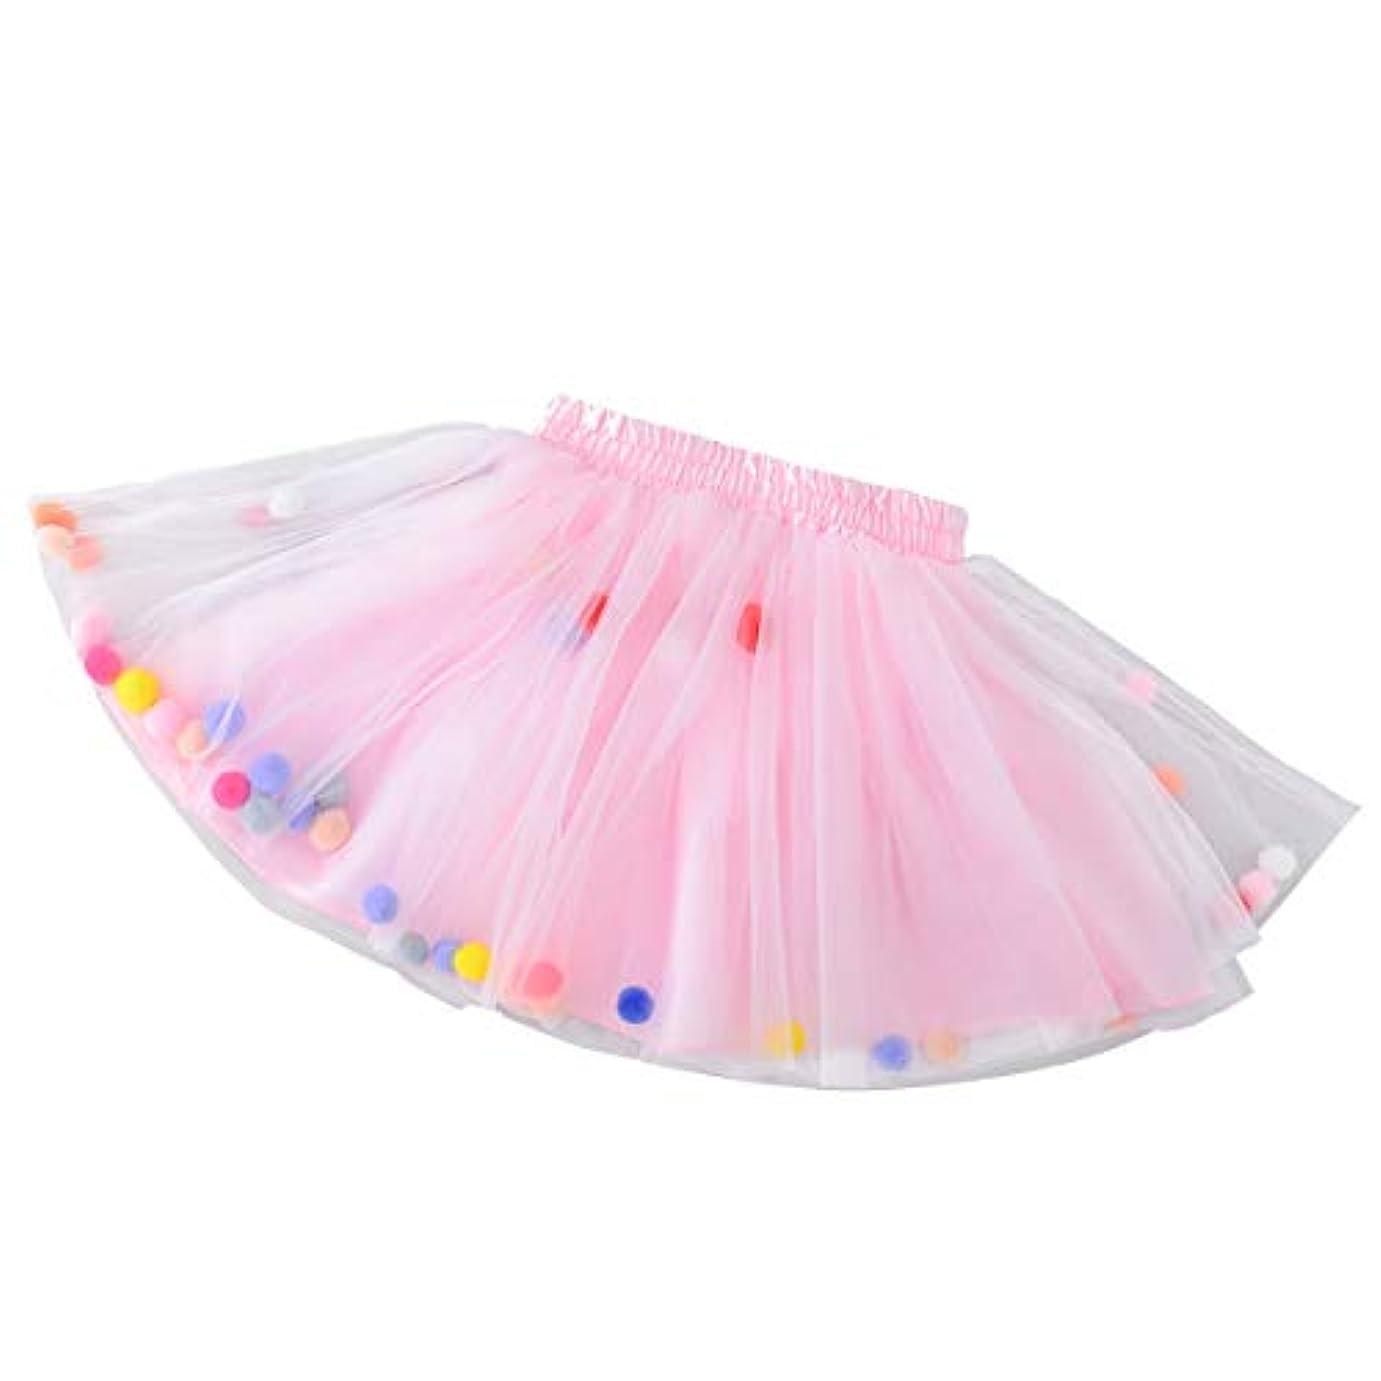 ラベル壁紙トラブルYeahiBaby 子供チュチュスカートラブリーピンクミディスカートカラフルなファジーボールガーゼスカートプリンセスドレス衣装用女の子(サイズl)